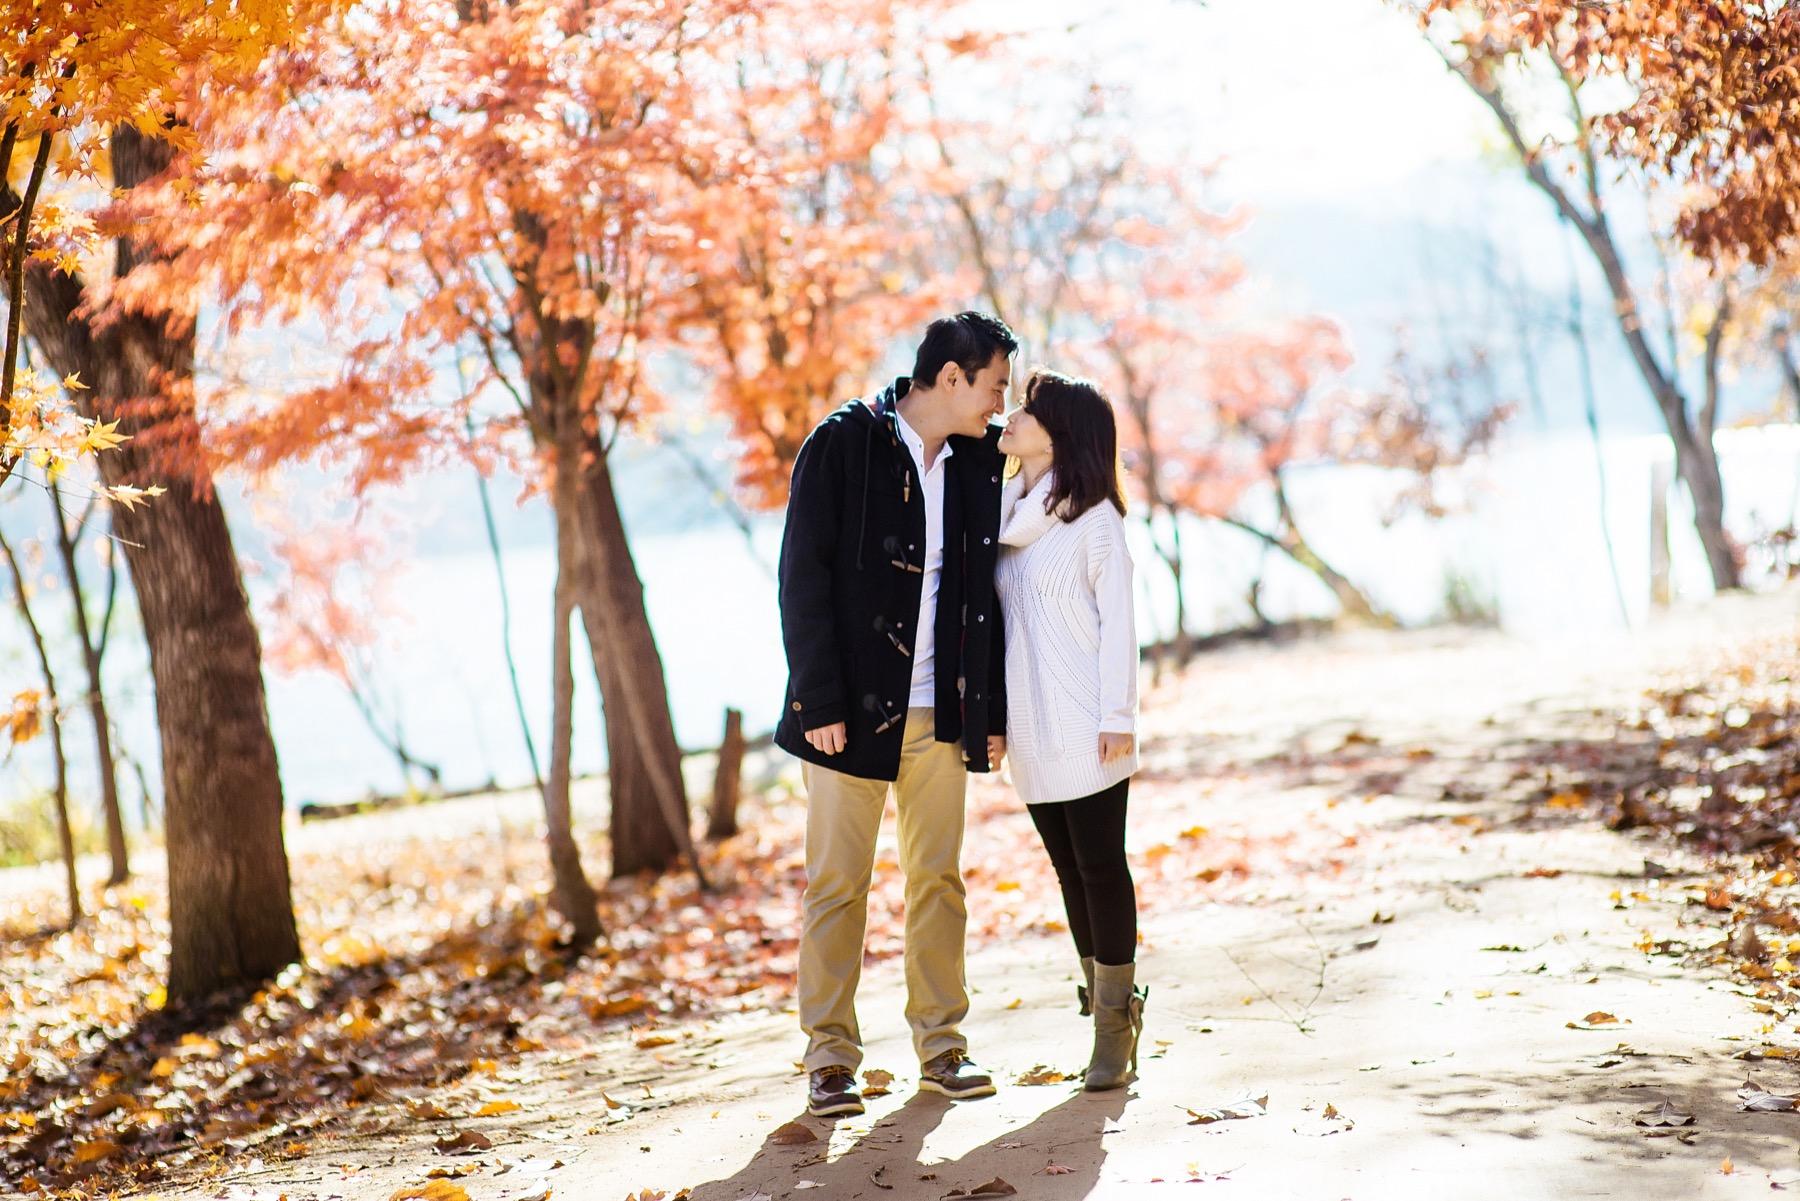 dating i seoul blog det tager 2 dating